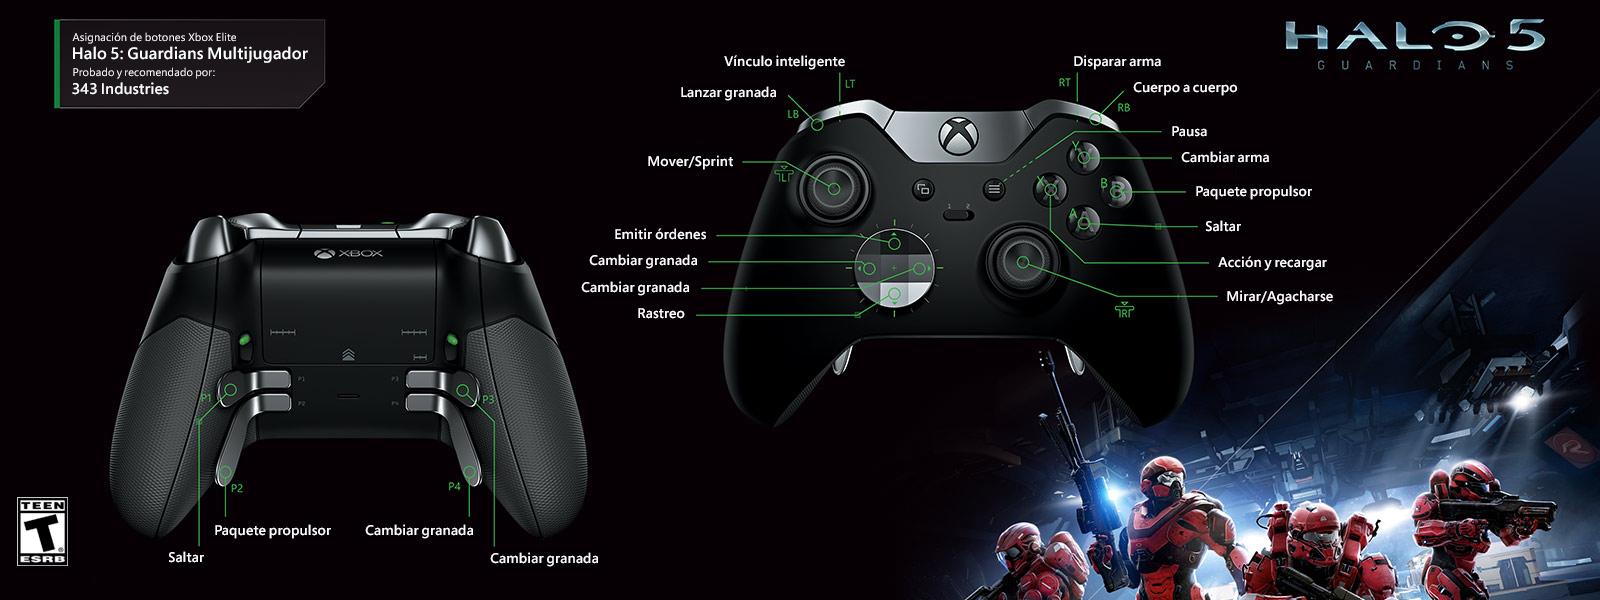 Multijugador en Halo 5: Guardians (asignación de funciones del control Elite)